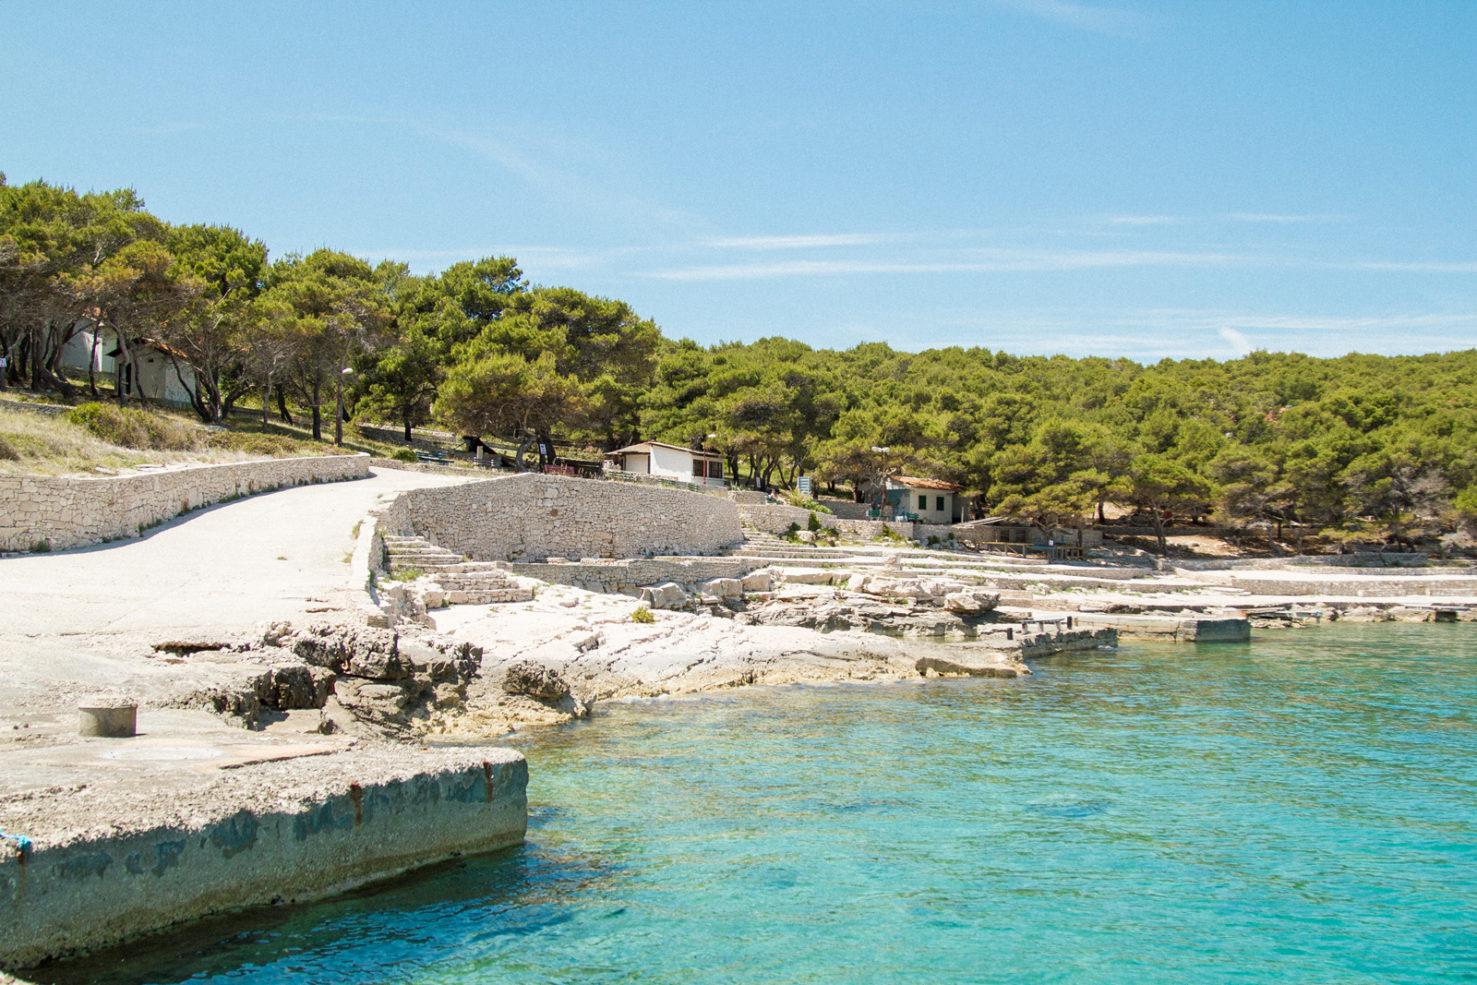 Obonjan – Isla de Obonjan (Croacia) del 23 de junio al 3 de septiembre